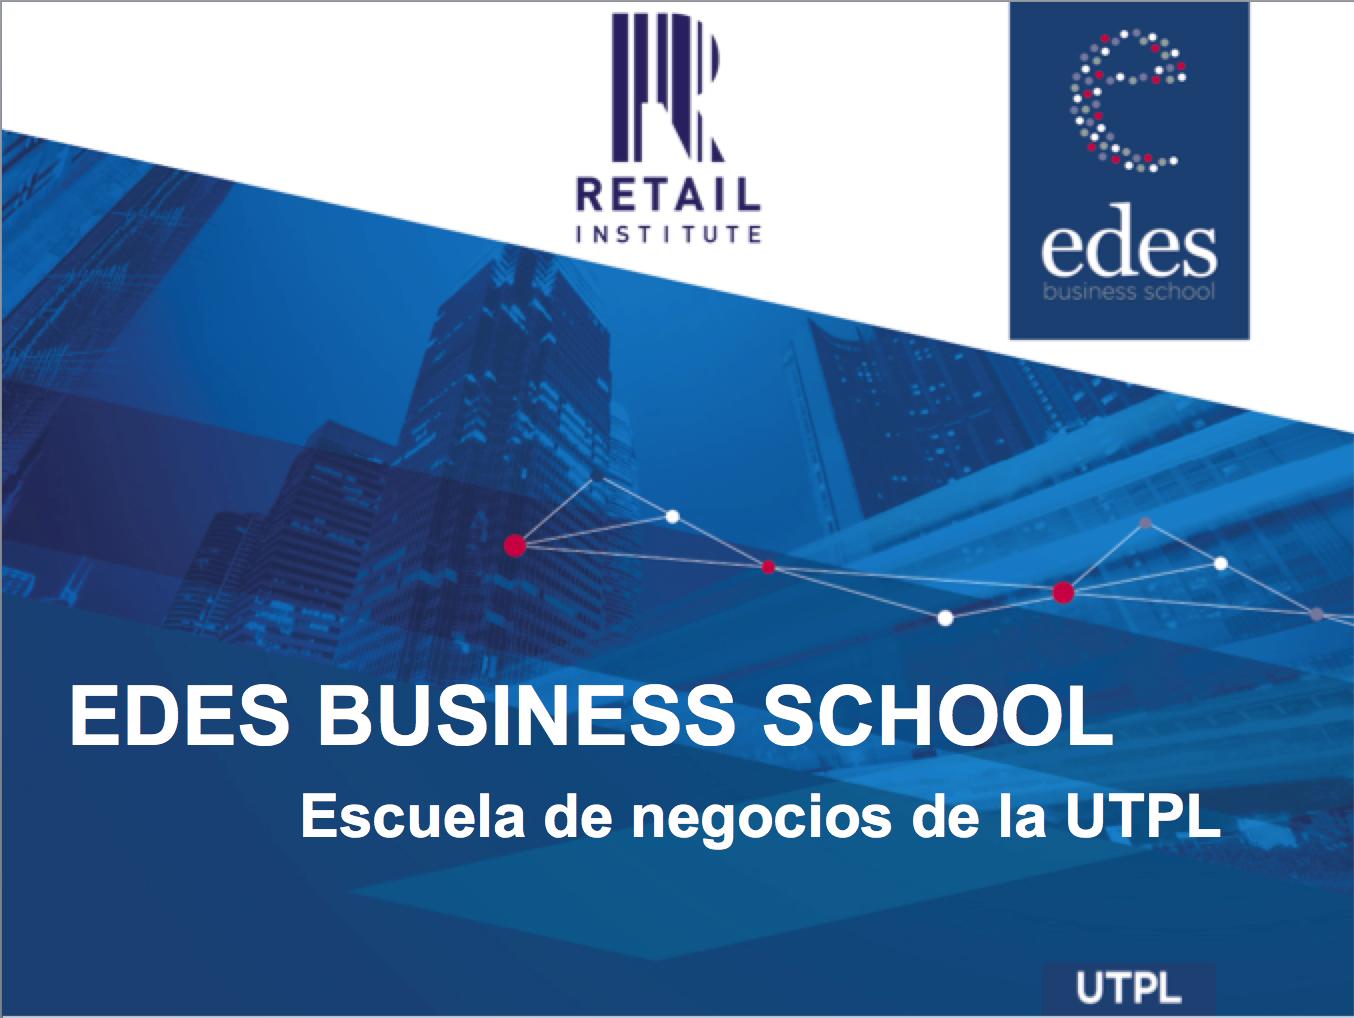 RETAIL INSTITUTE en QUITO ECUADOR de la mano de EDES y UTPL